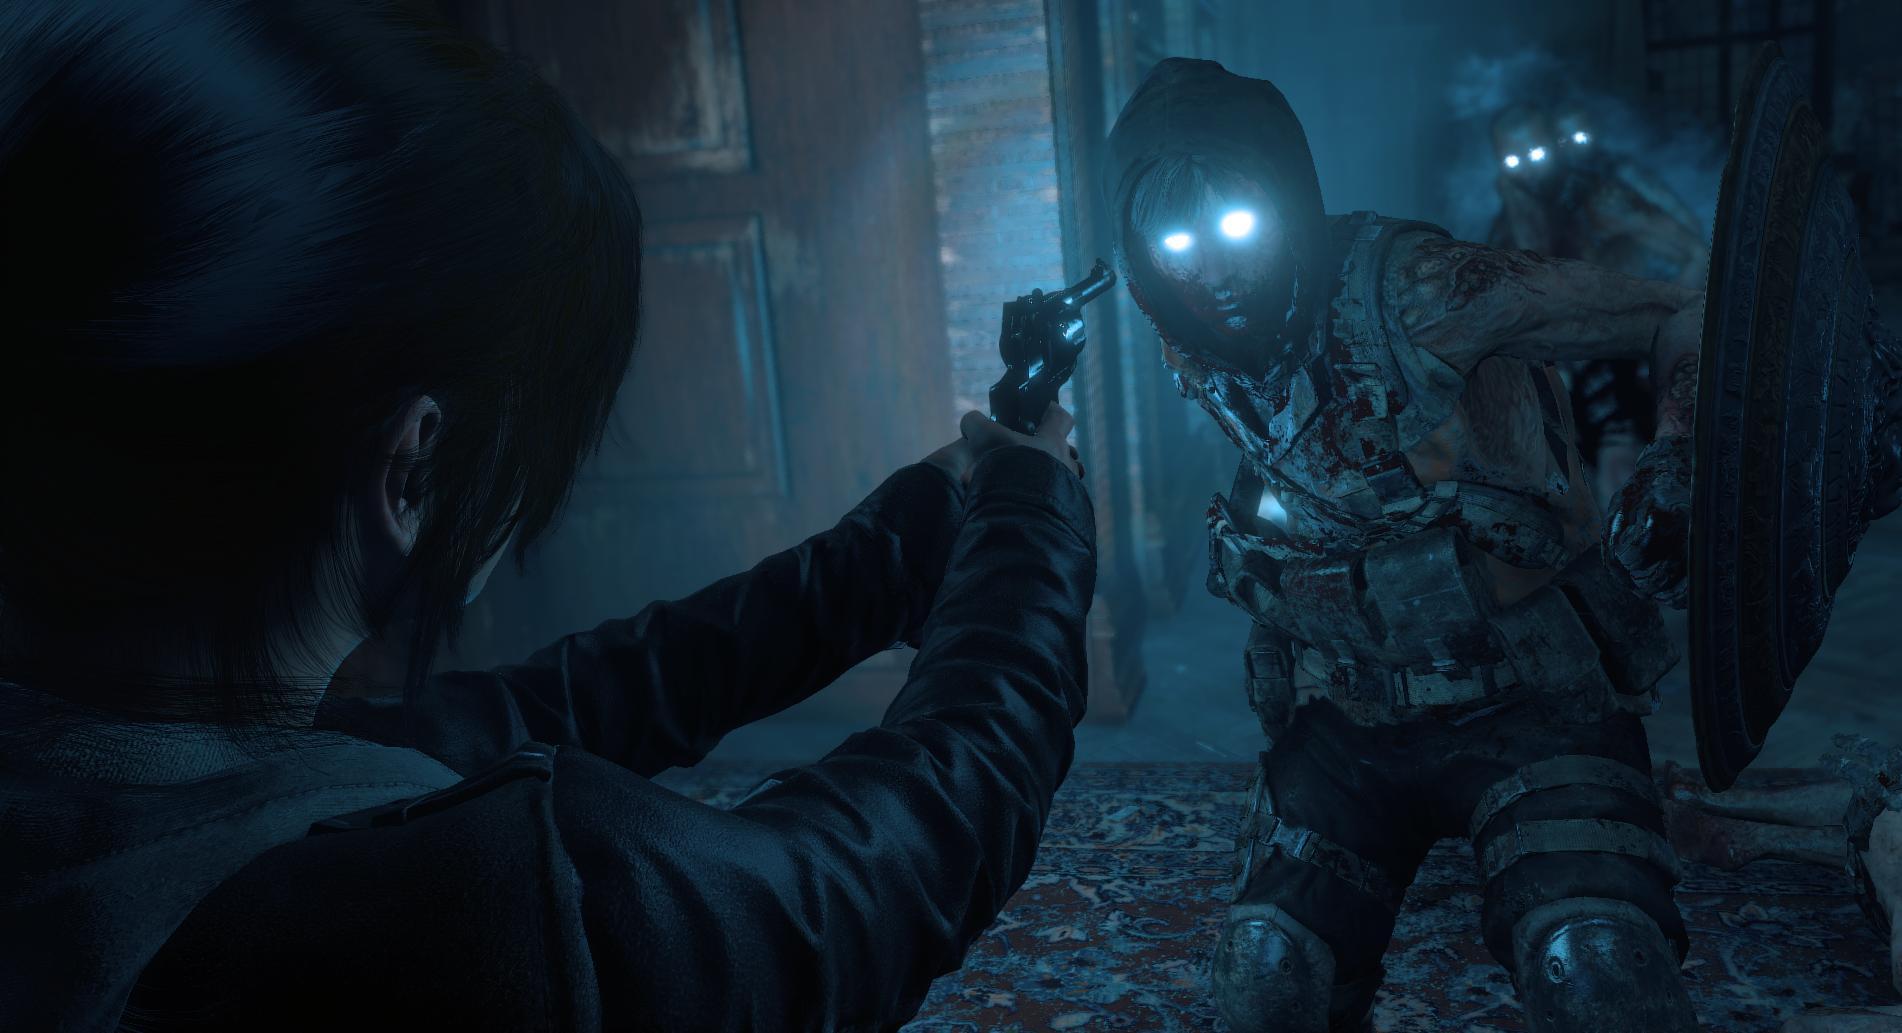 Několik nových obrázků z připravovaných DLC pro Rise of the Tomb Raider 128711